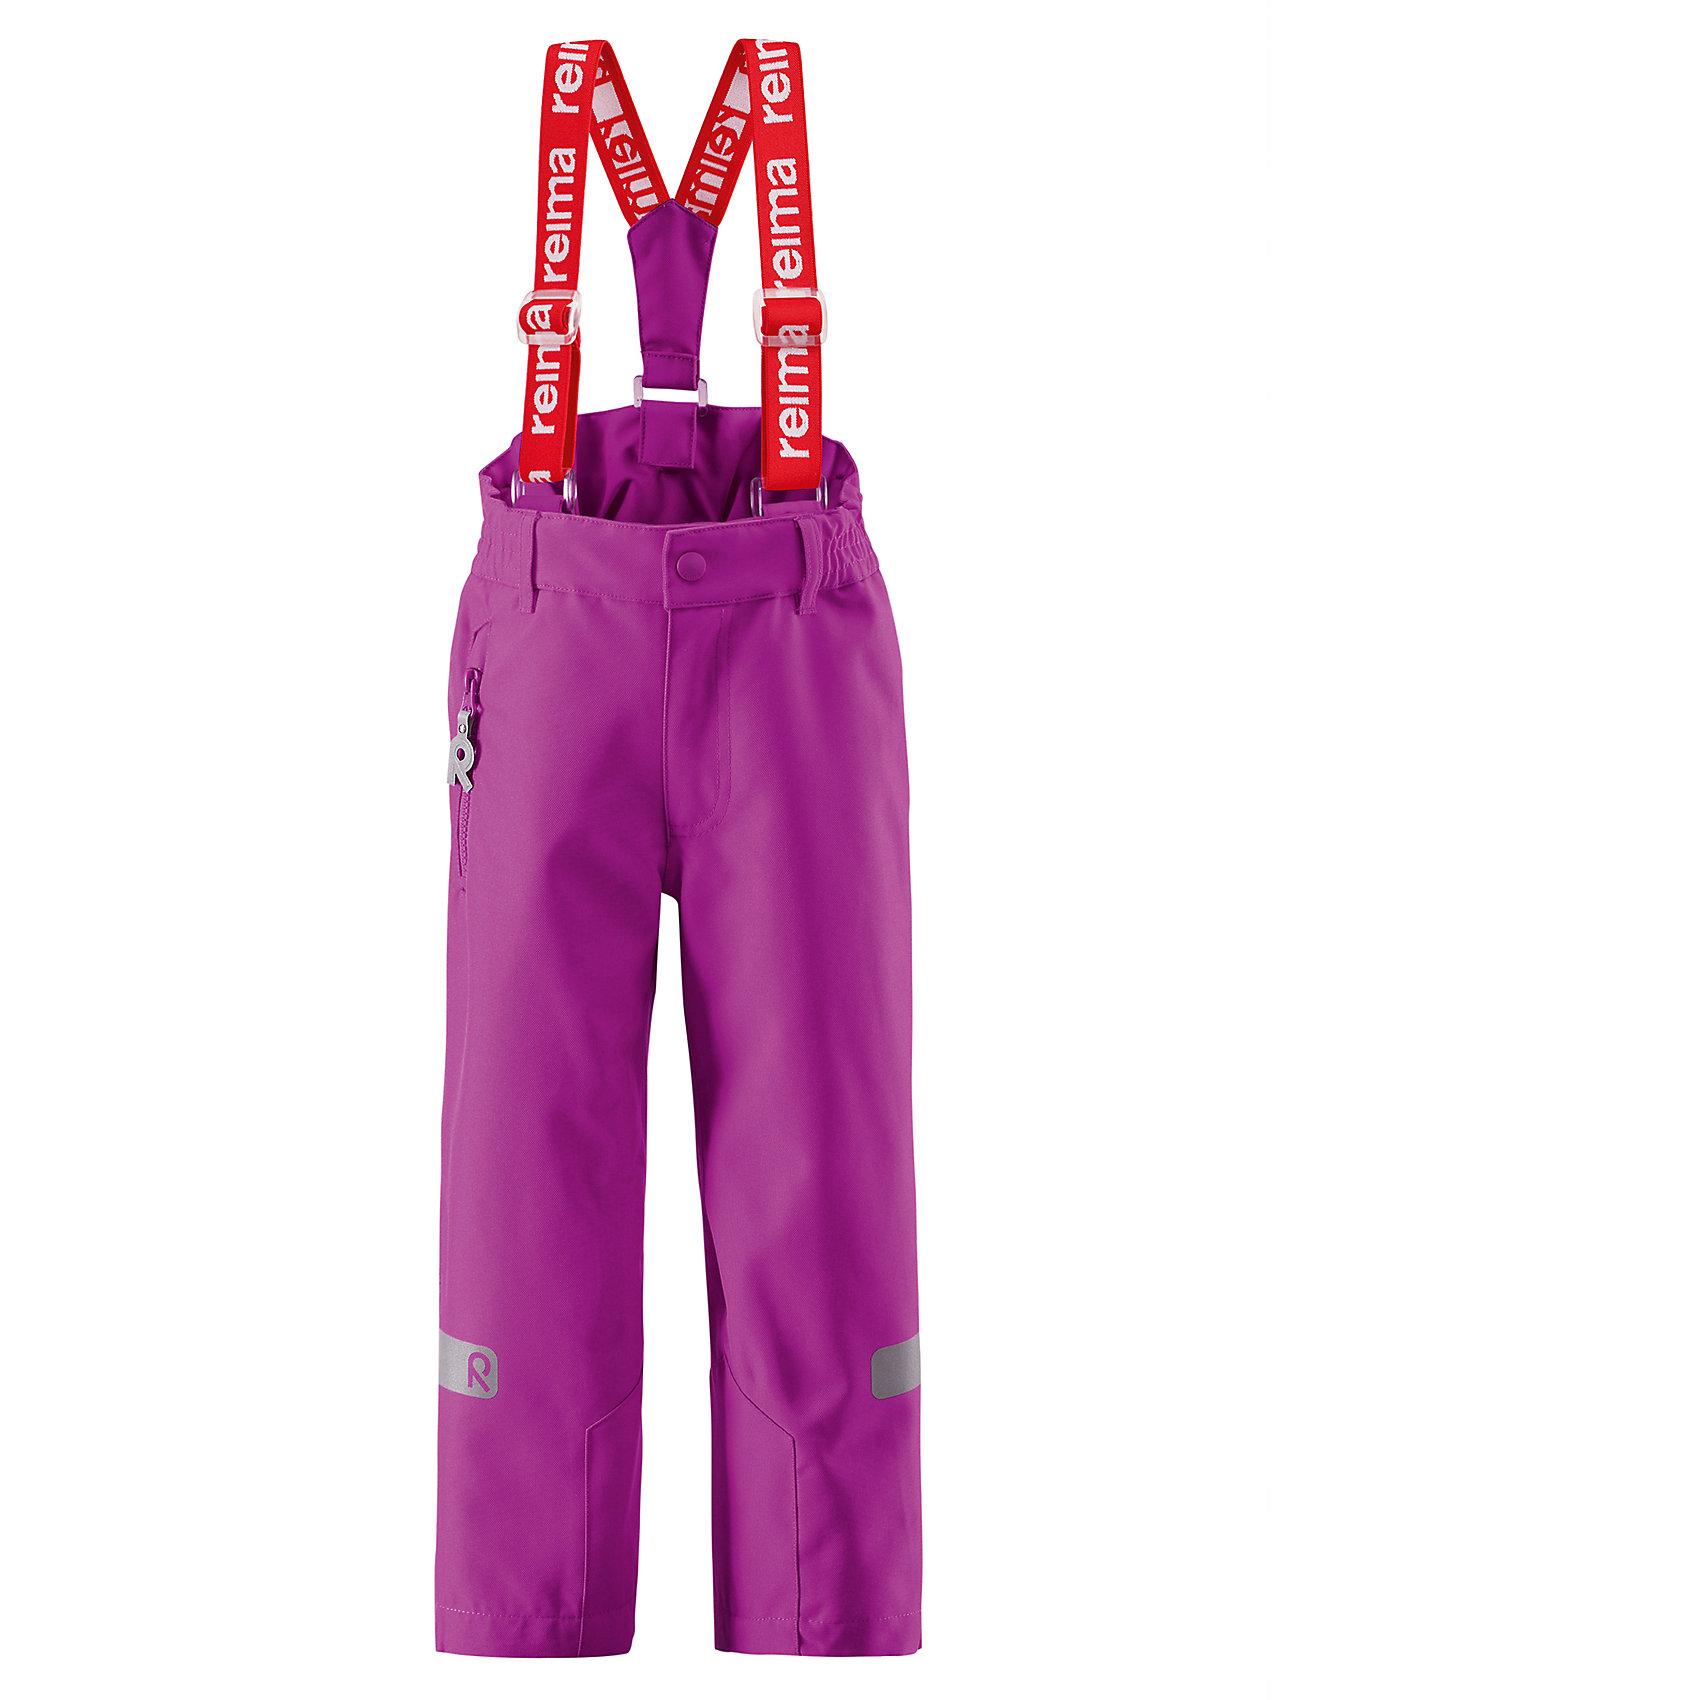 Брюки ReimaЭти брюки на подтяжках для детей для повседневной носки выполнены из водоотталкивающего и дышащего, а также очень прочного материала. Швы проклеены для максимальной защиты от воды и влаги. Регулируемые и съемные подтяжки обеспечивают хорошую посадку, а также некоторое пространство на вырост. Рекомендуется для активных видов отдыха весной и осенью. Модель для очень активных детей! <br><br>Дополнительная информация:<br><br>Брюки демисезонные для детей Kiddo®<br>Все швы проклеены и водонепроницаемы<br>Сверхпрочный материал<br>Водо- и ветронепроницаемый, «дышащий» и грязеотталкивающий материал<br>Регулируемые брючины<br>Карман на молнии<br>Регулируемые подтяжки<br>Состав:<br>100% ПЭ, ПУ-покрытие<br>Уход:<br>Стирать по отдельности, вывернув наизнанку. Застегнуть молнии и липучки. Стирать моющим средством, не содержащим отбеливающие вещества. Полоскать без специального средства. Во избежание изменения цвета изделие необходимо вынуть из стиральной машинки незамедлительно после окончания программы стирки. Сушить при низкой температуре.<br><br>Ширина мм: 215<br>Глубина мм: 88<br>Высота мм: 191<br>Вес г: 336<br>Цвет: розовый<br>Возраст от месяцев: 36<br>Возраст до месяцев: 48<br>Пол: Женский<br>Возраст: Детский<br>Размер: 134,104,140,98,110,92,116,128,122<br>SKU: 4496867